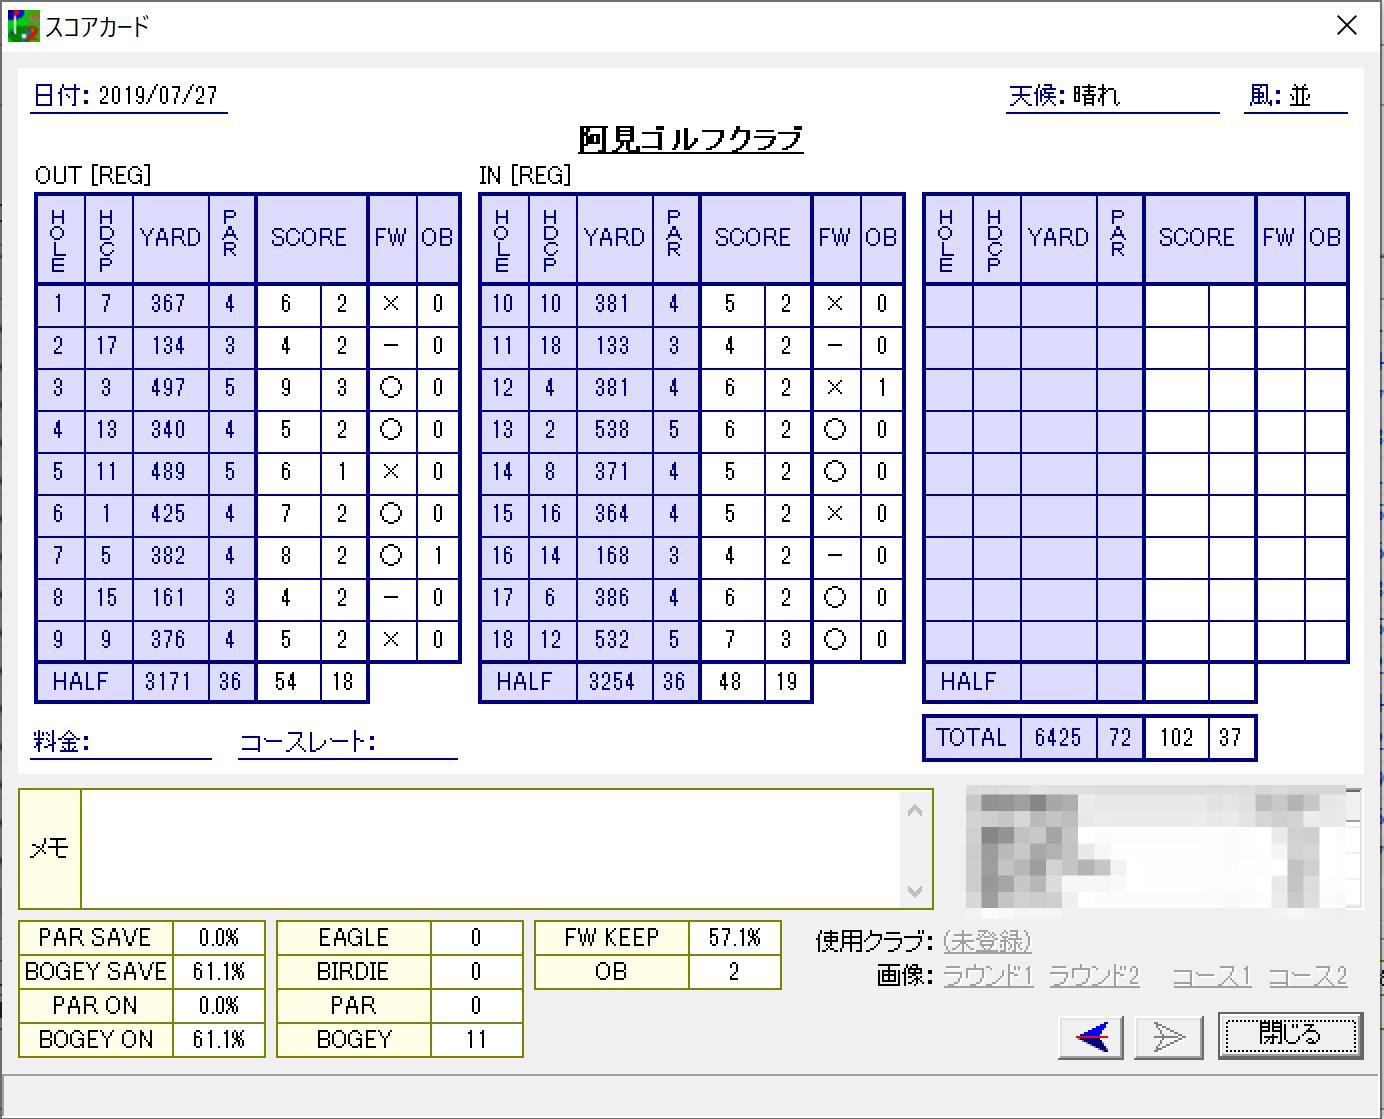 茨城県 – 阿見ゴルフクラブ